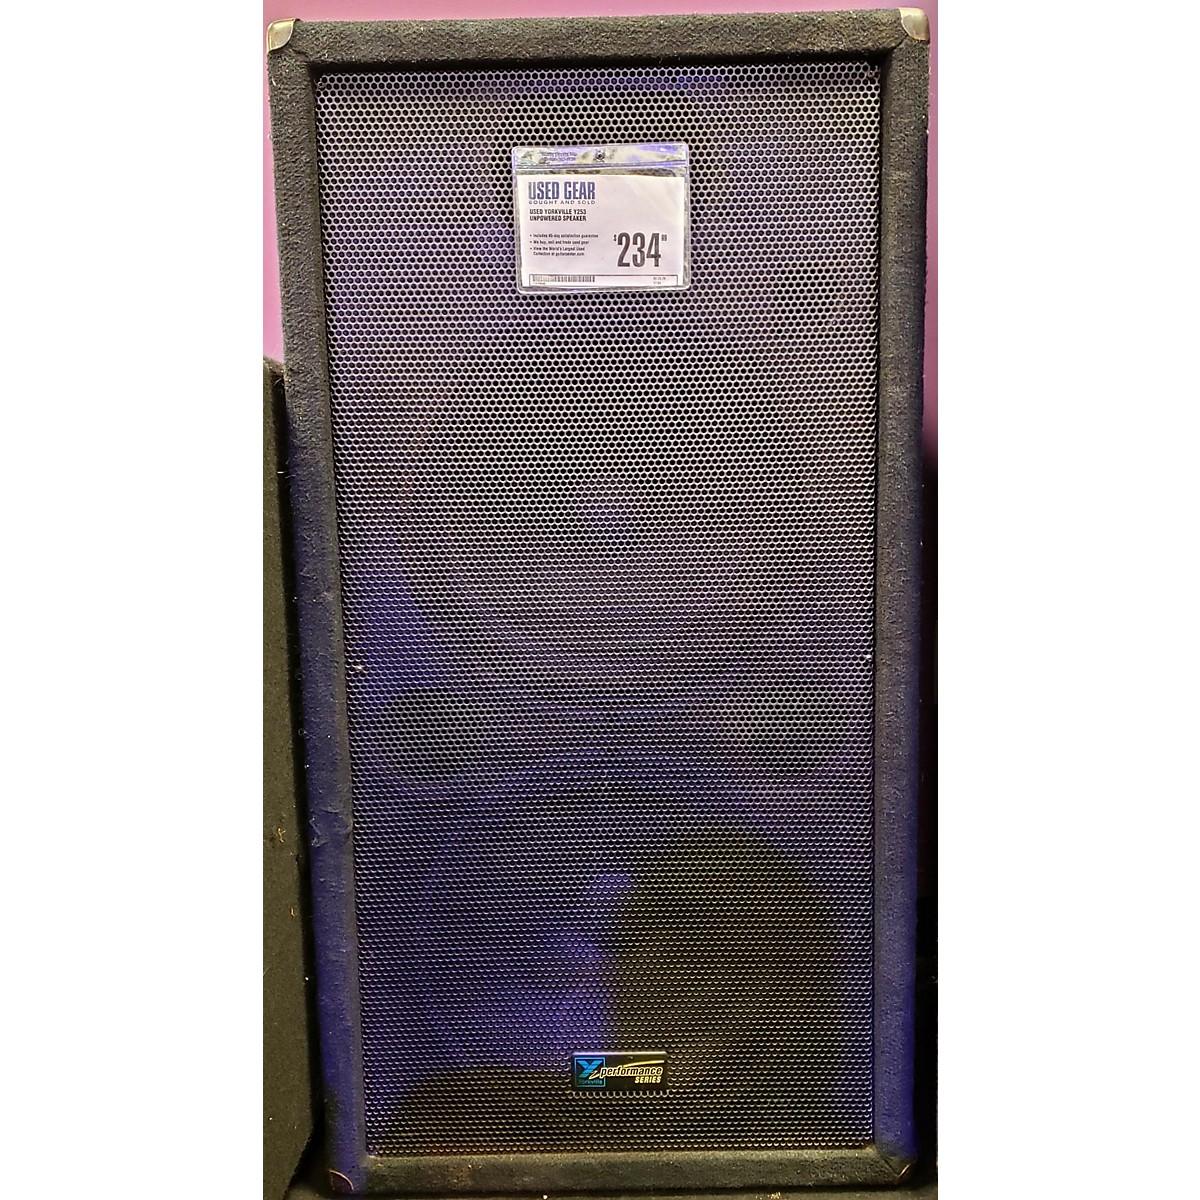 Yorkville Y253 Unpowered Speaker